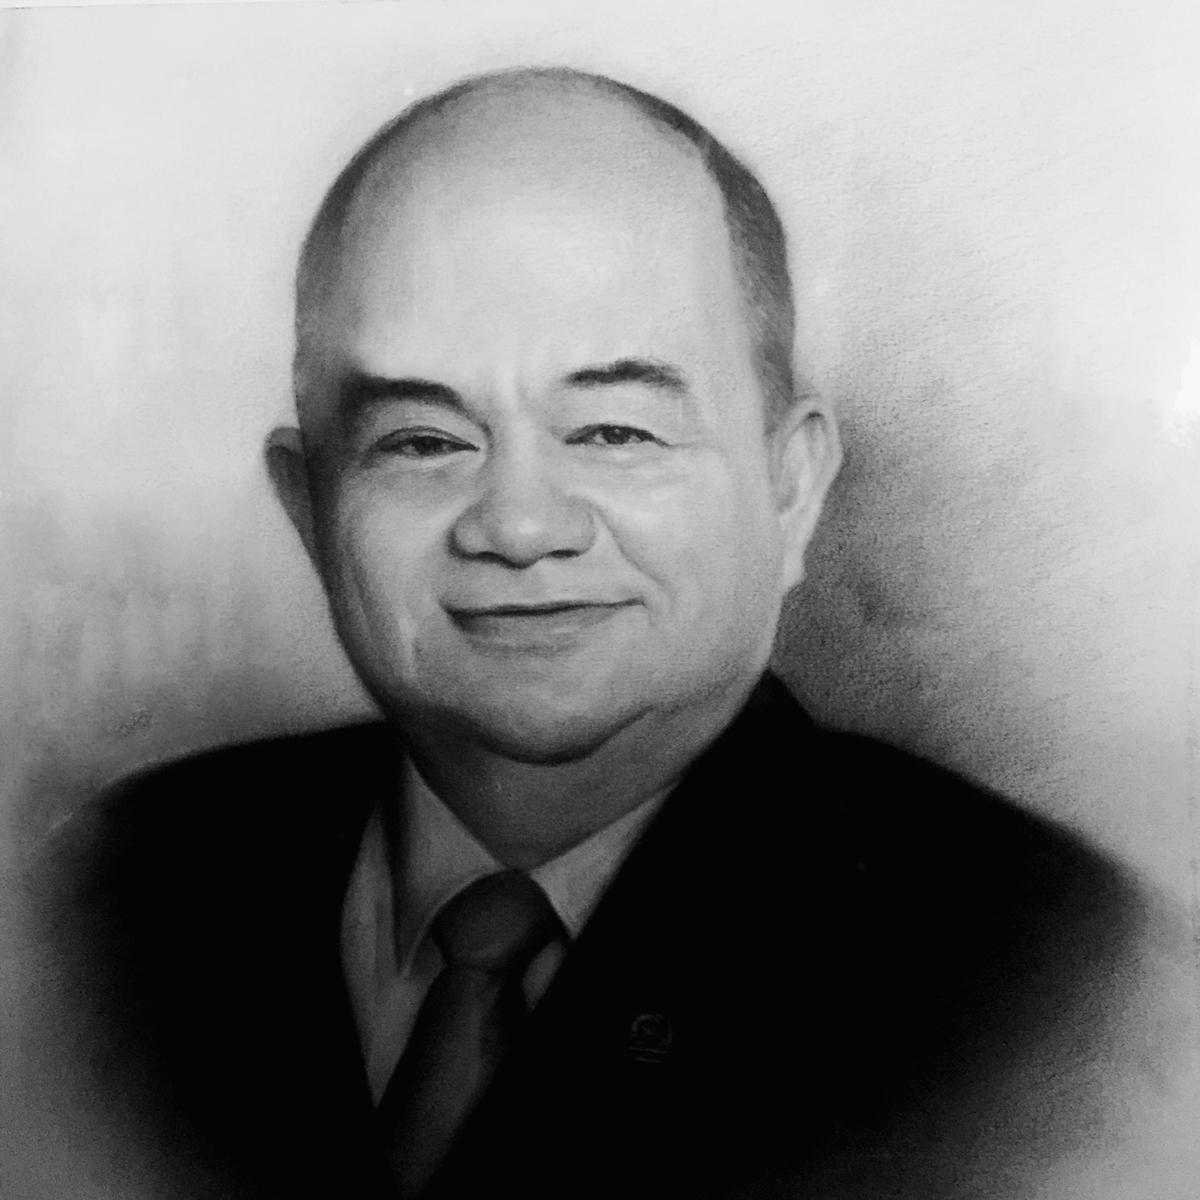 Prudencio J. Gesta